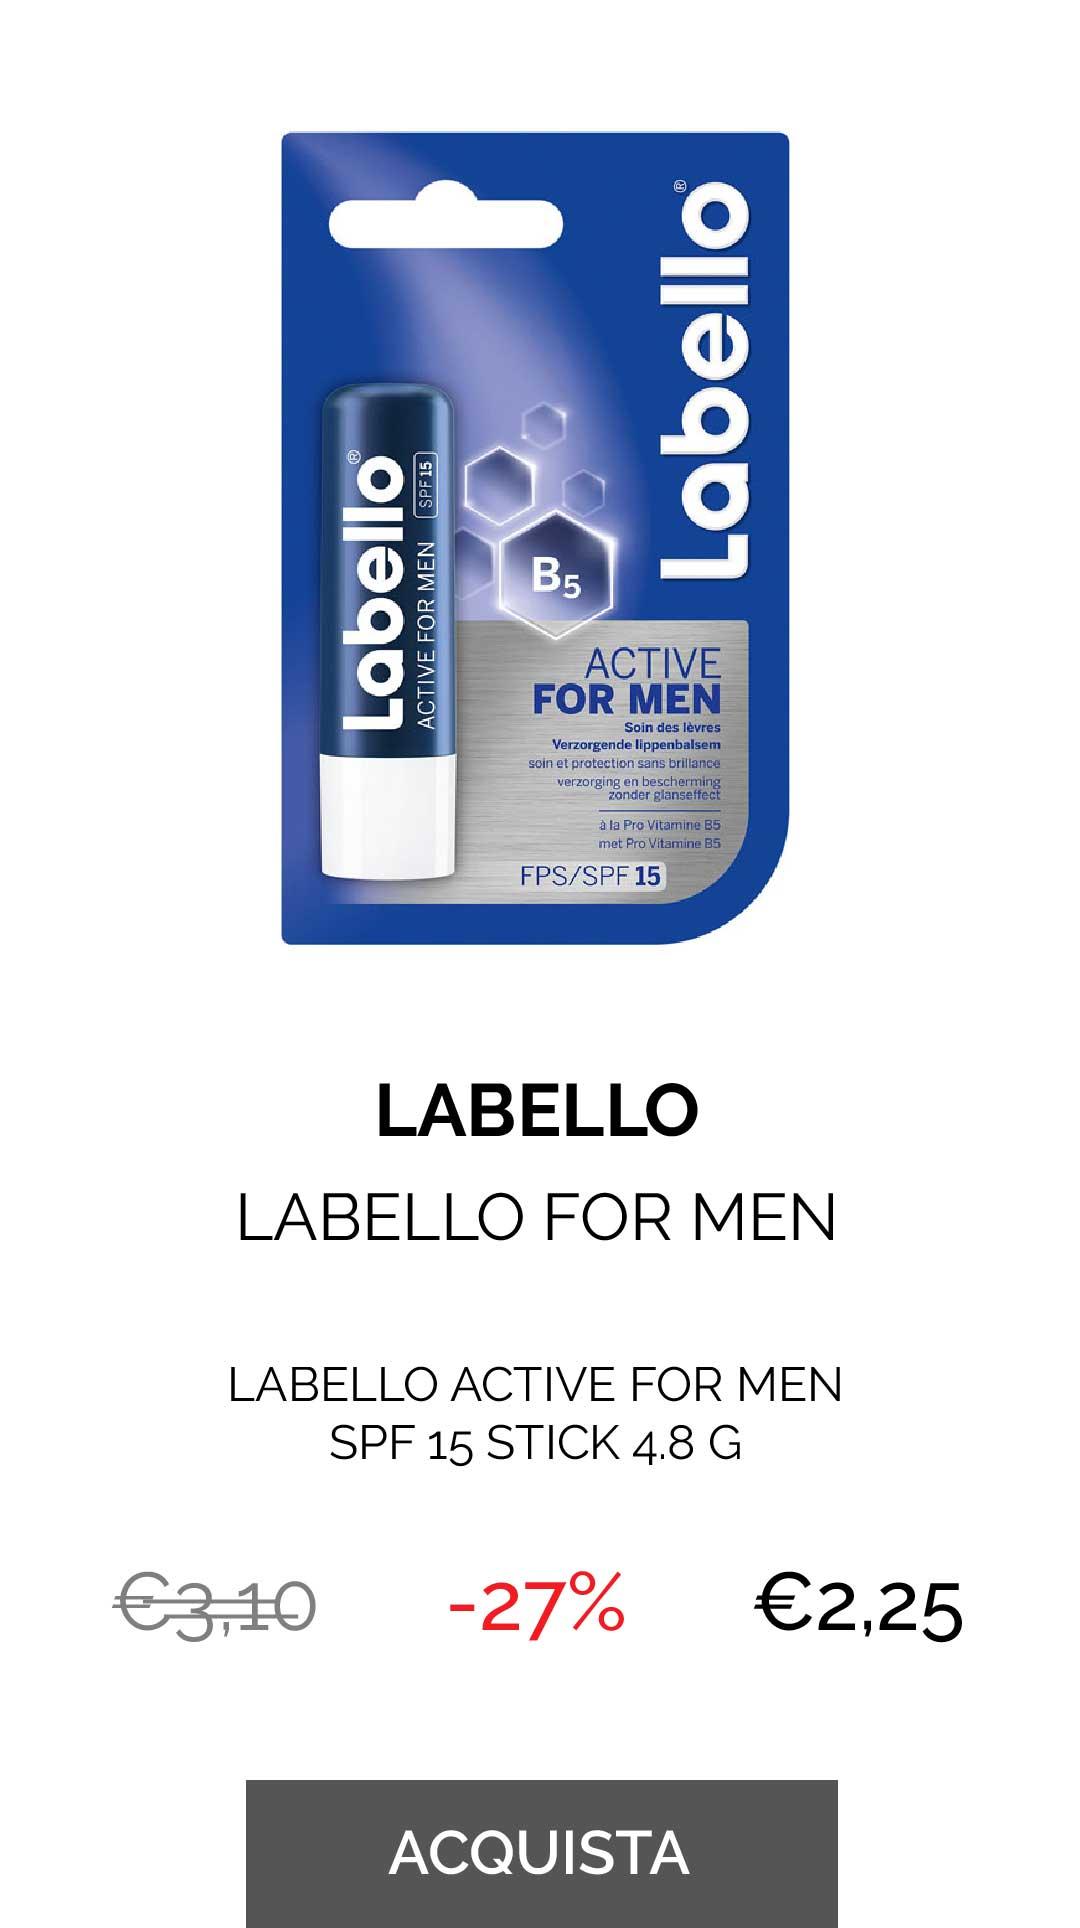 LABELLO - LABELLO FOR MEN